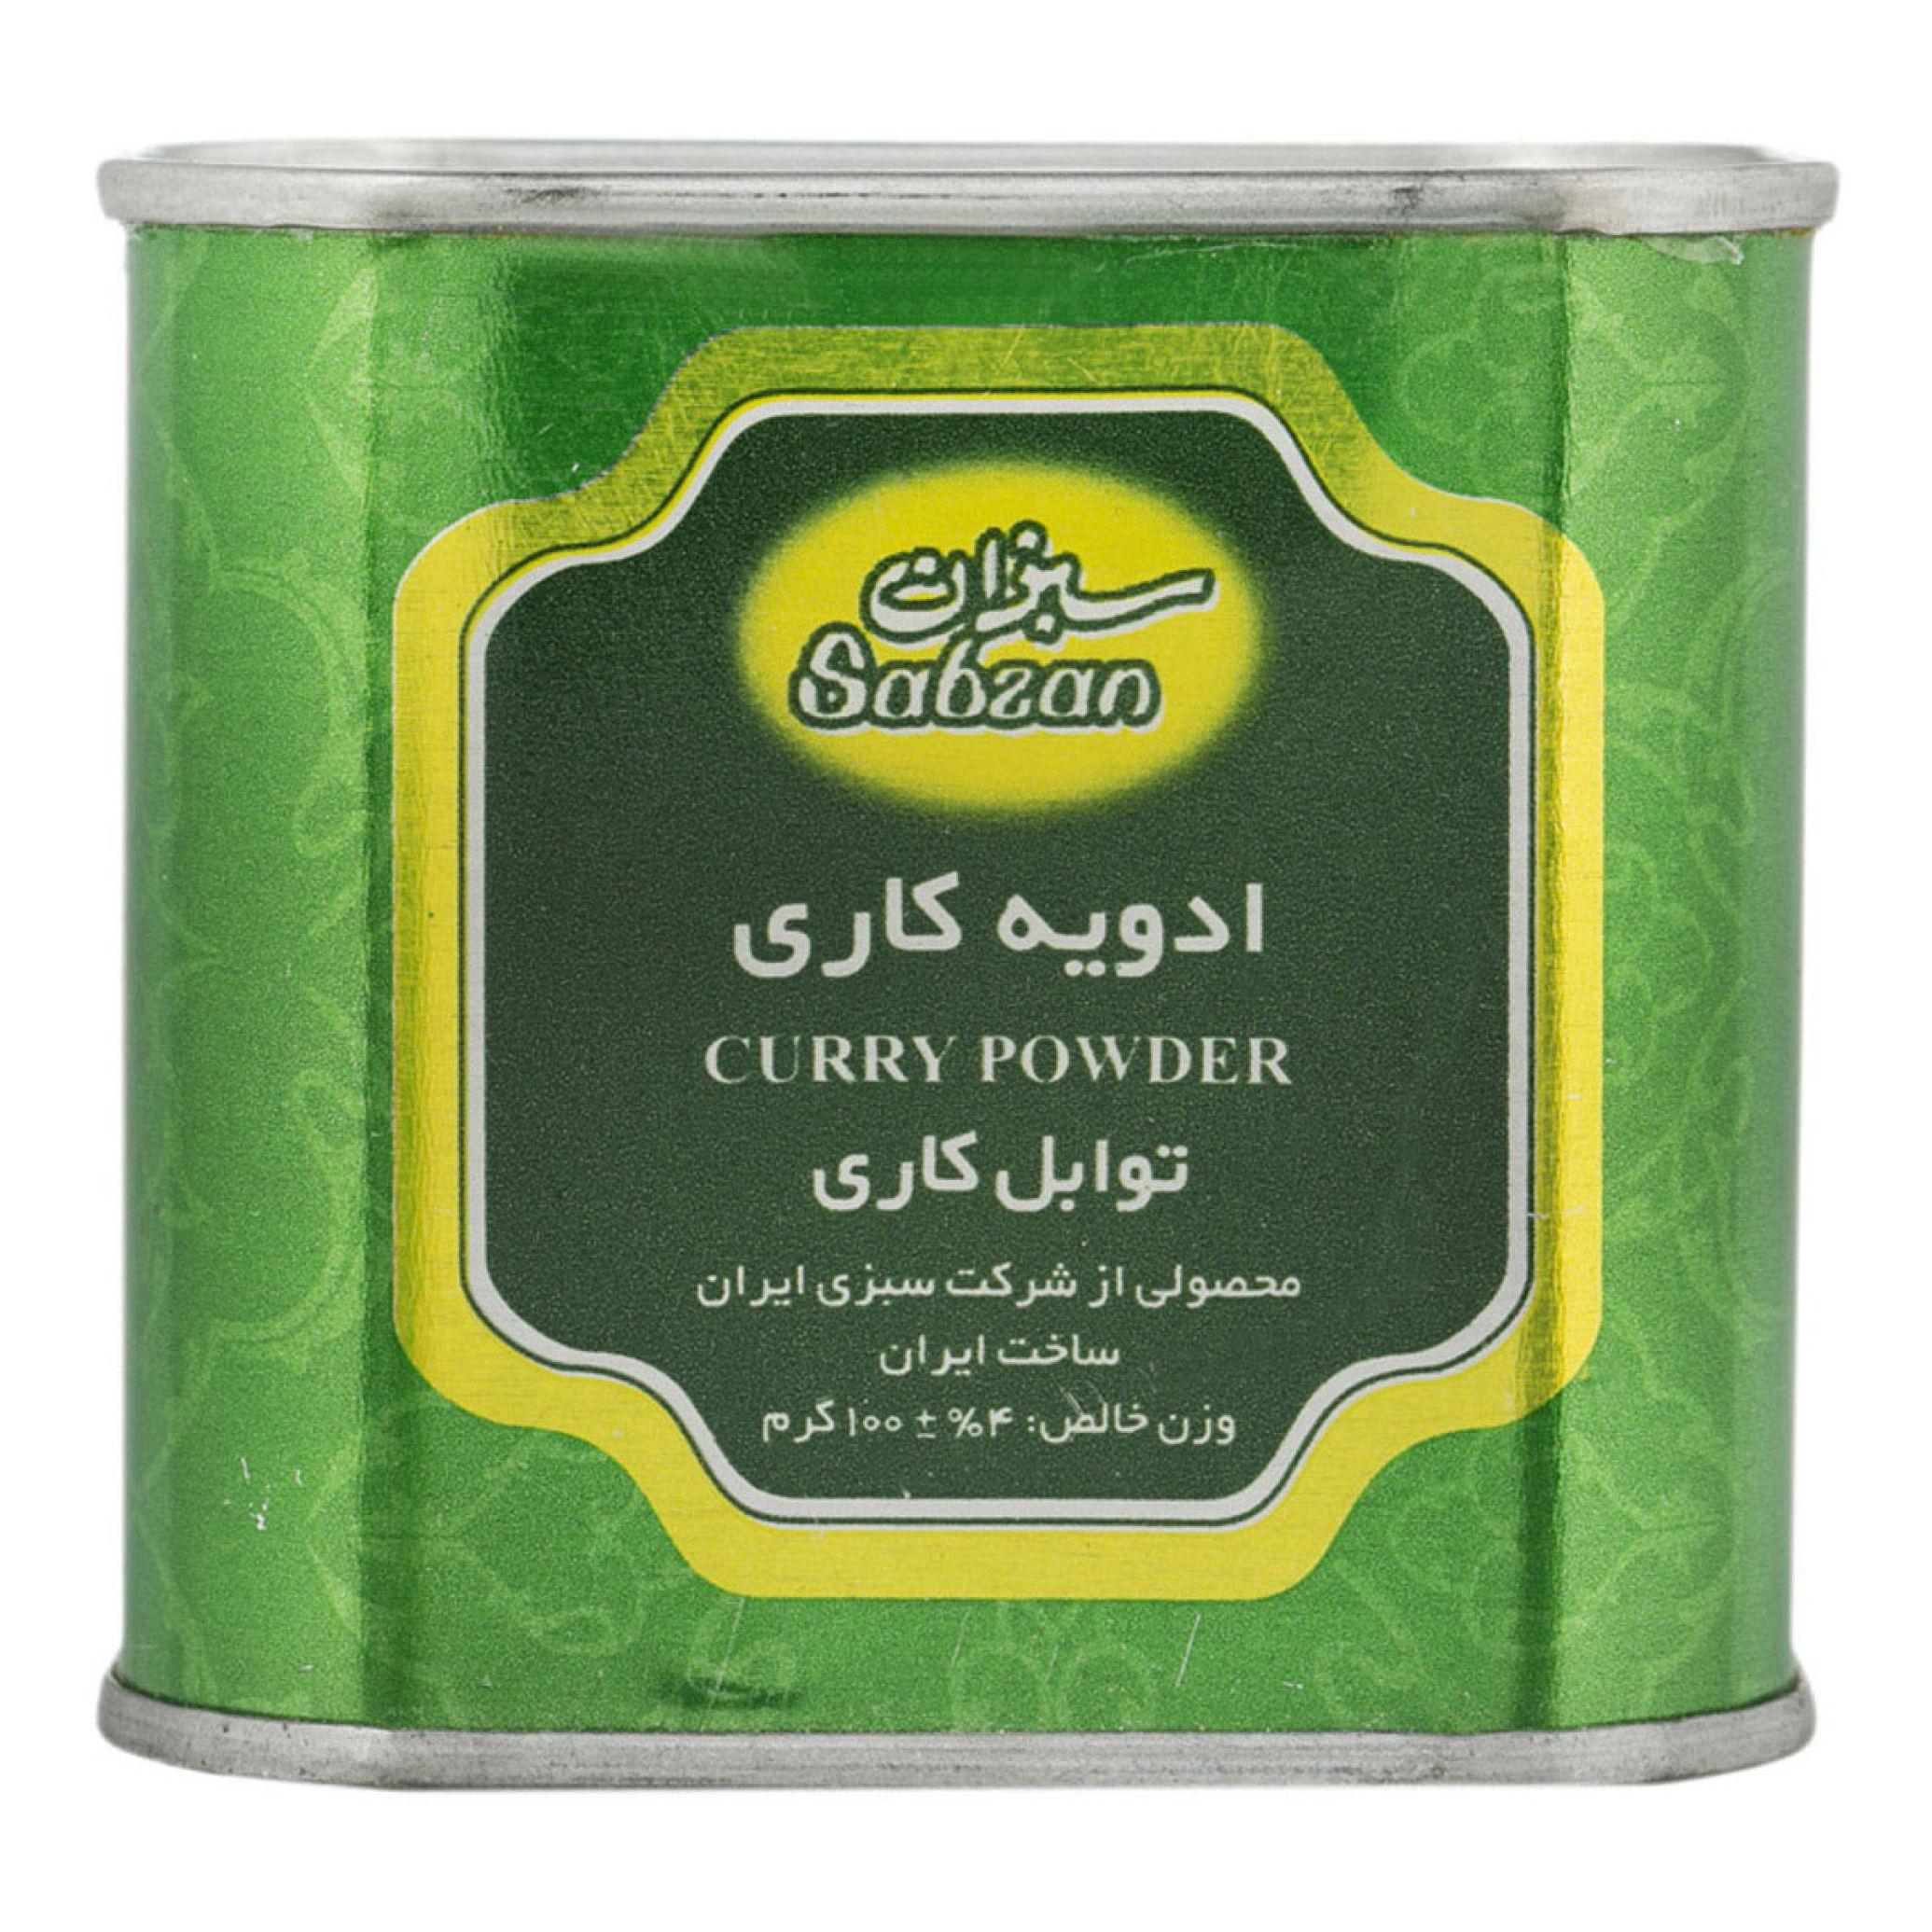 خرید آنلاین ادویه کاری 100 گرمی سبزان از فروشگاه اینترنتی عطاری وجیسنک